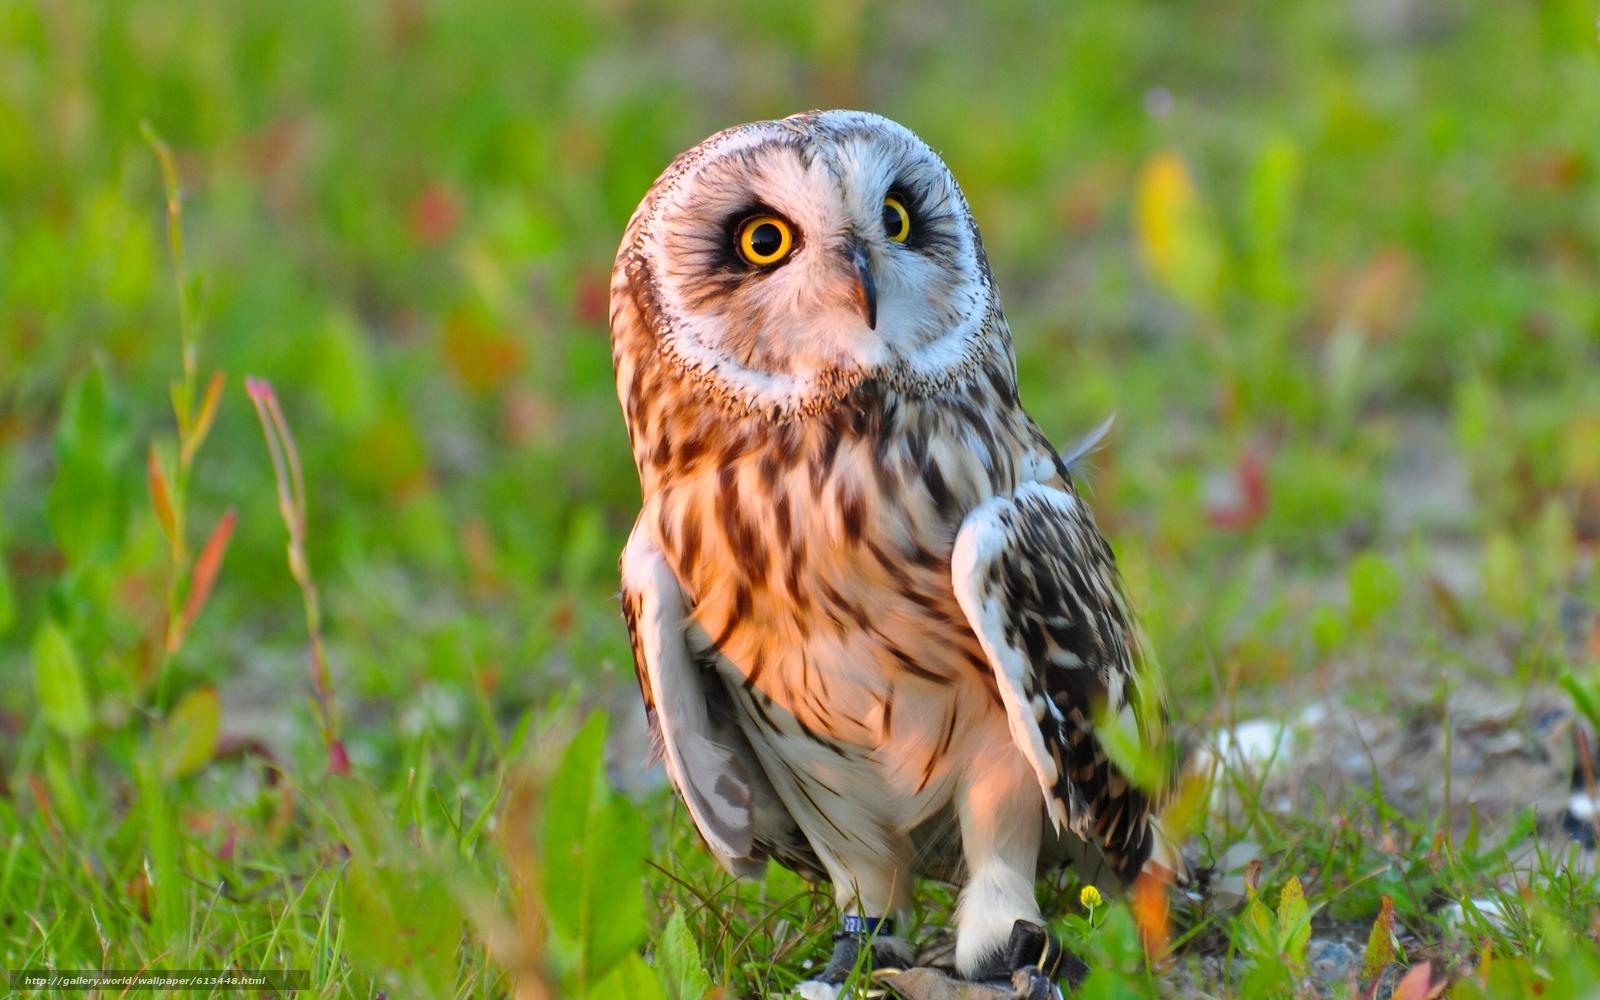 Tlcharger fond d 39 ecran hibou des marais chouette oiseau for Fond ecran animaux hd